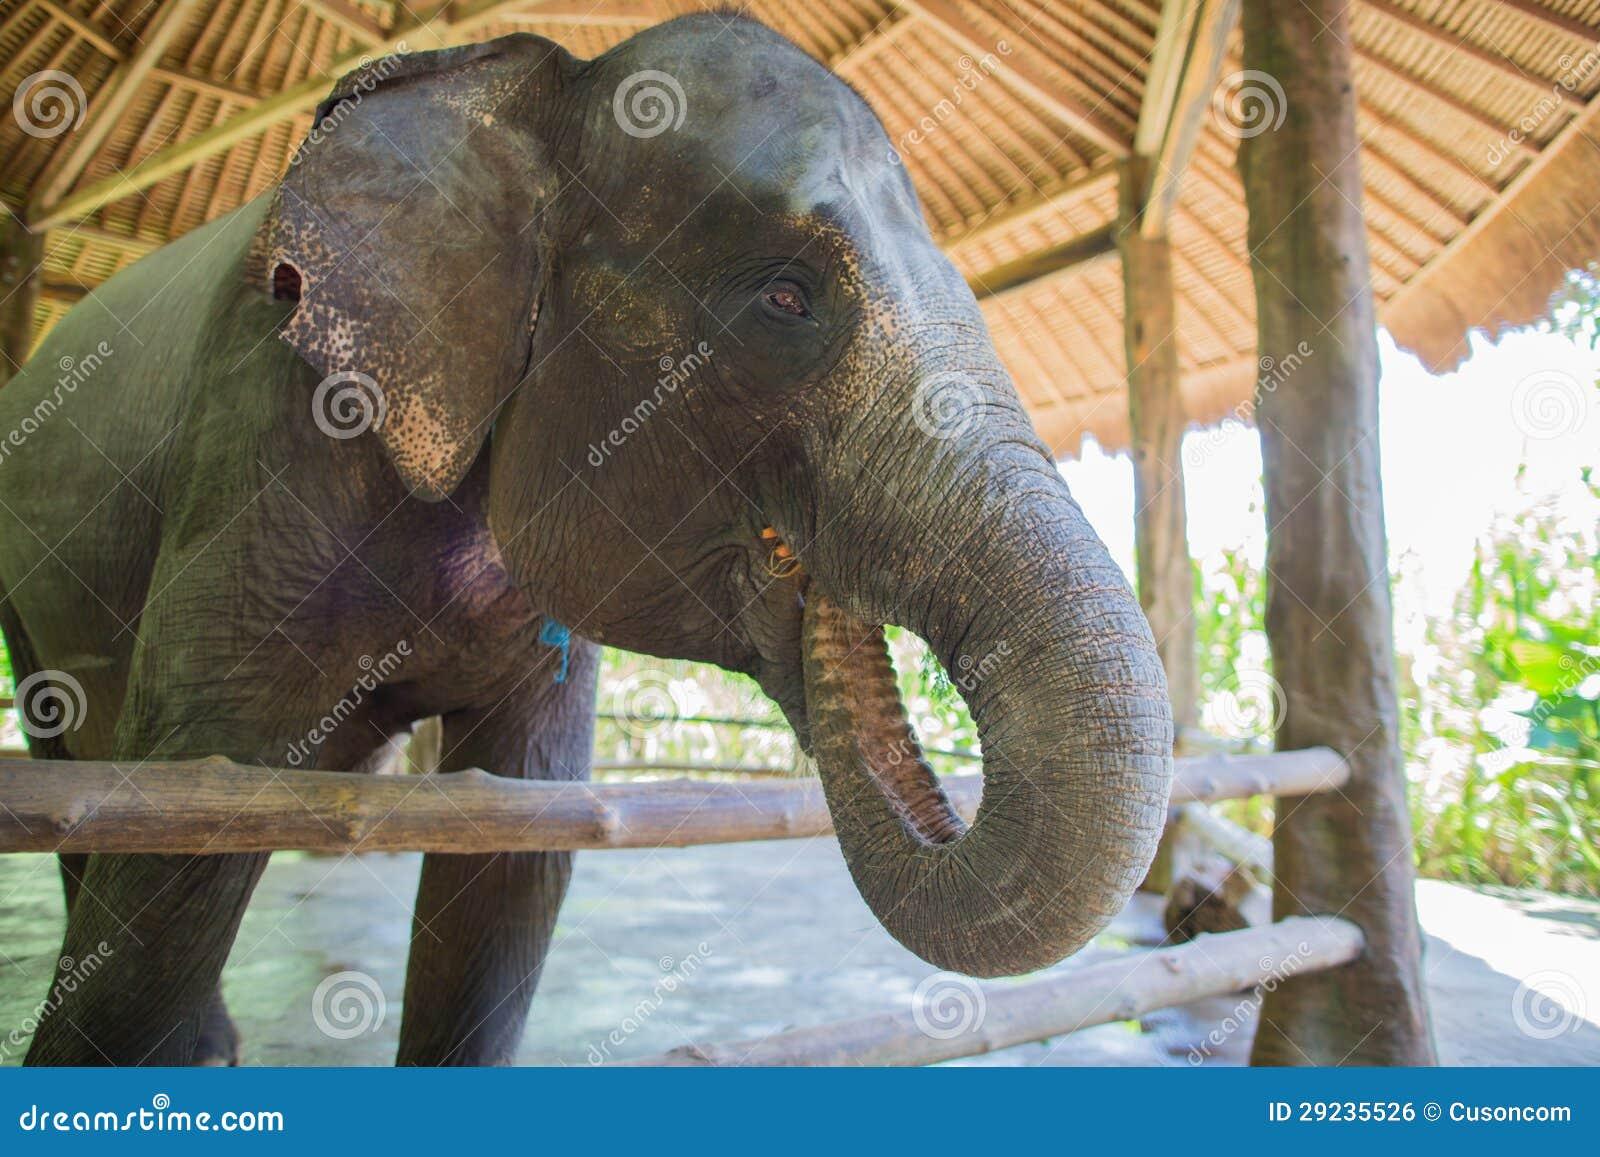 Download Elefante foto de stock. Imagem de reserva, tronco, encantador - 29235526